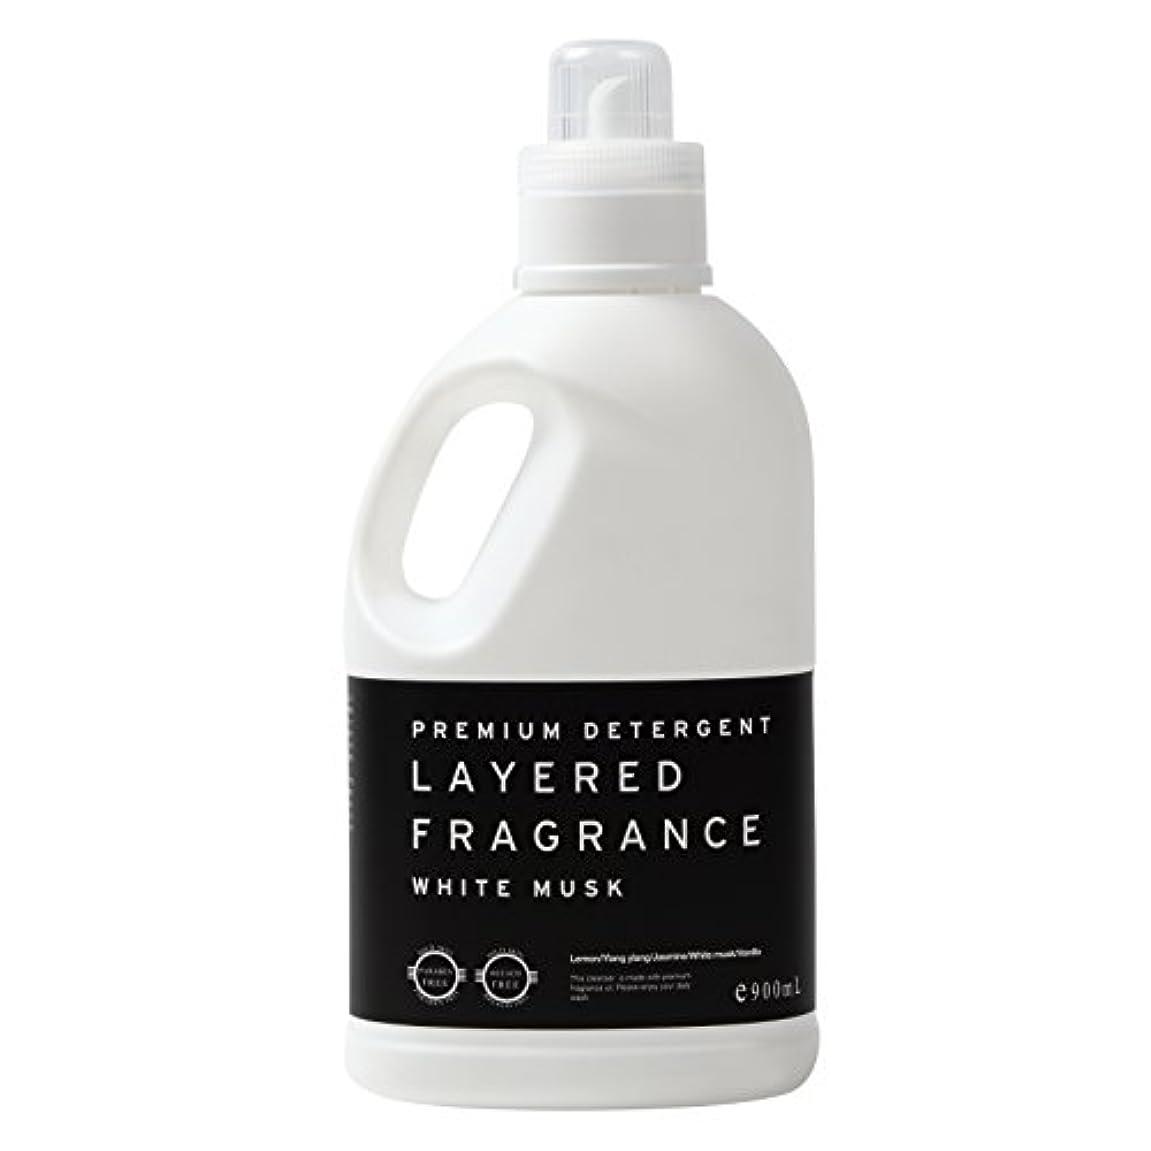 要旨確立しますポットレイヤードフレグランス プレミアム デタージェント 洗濯用洗剤 ホワイトムスク